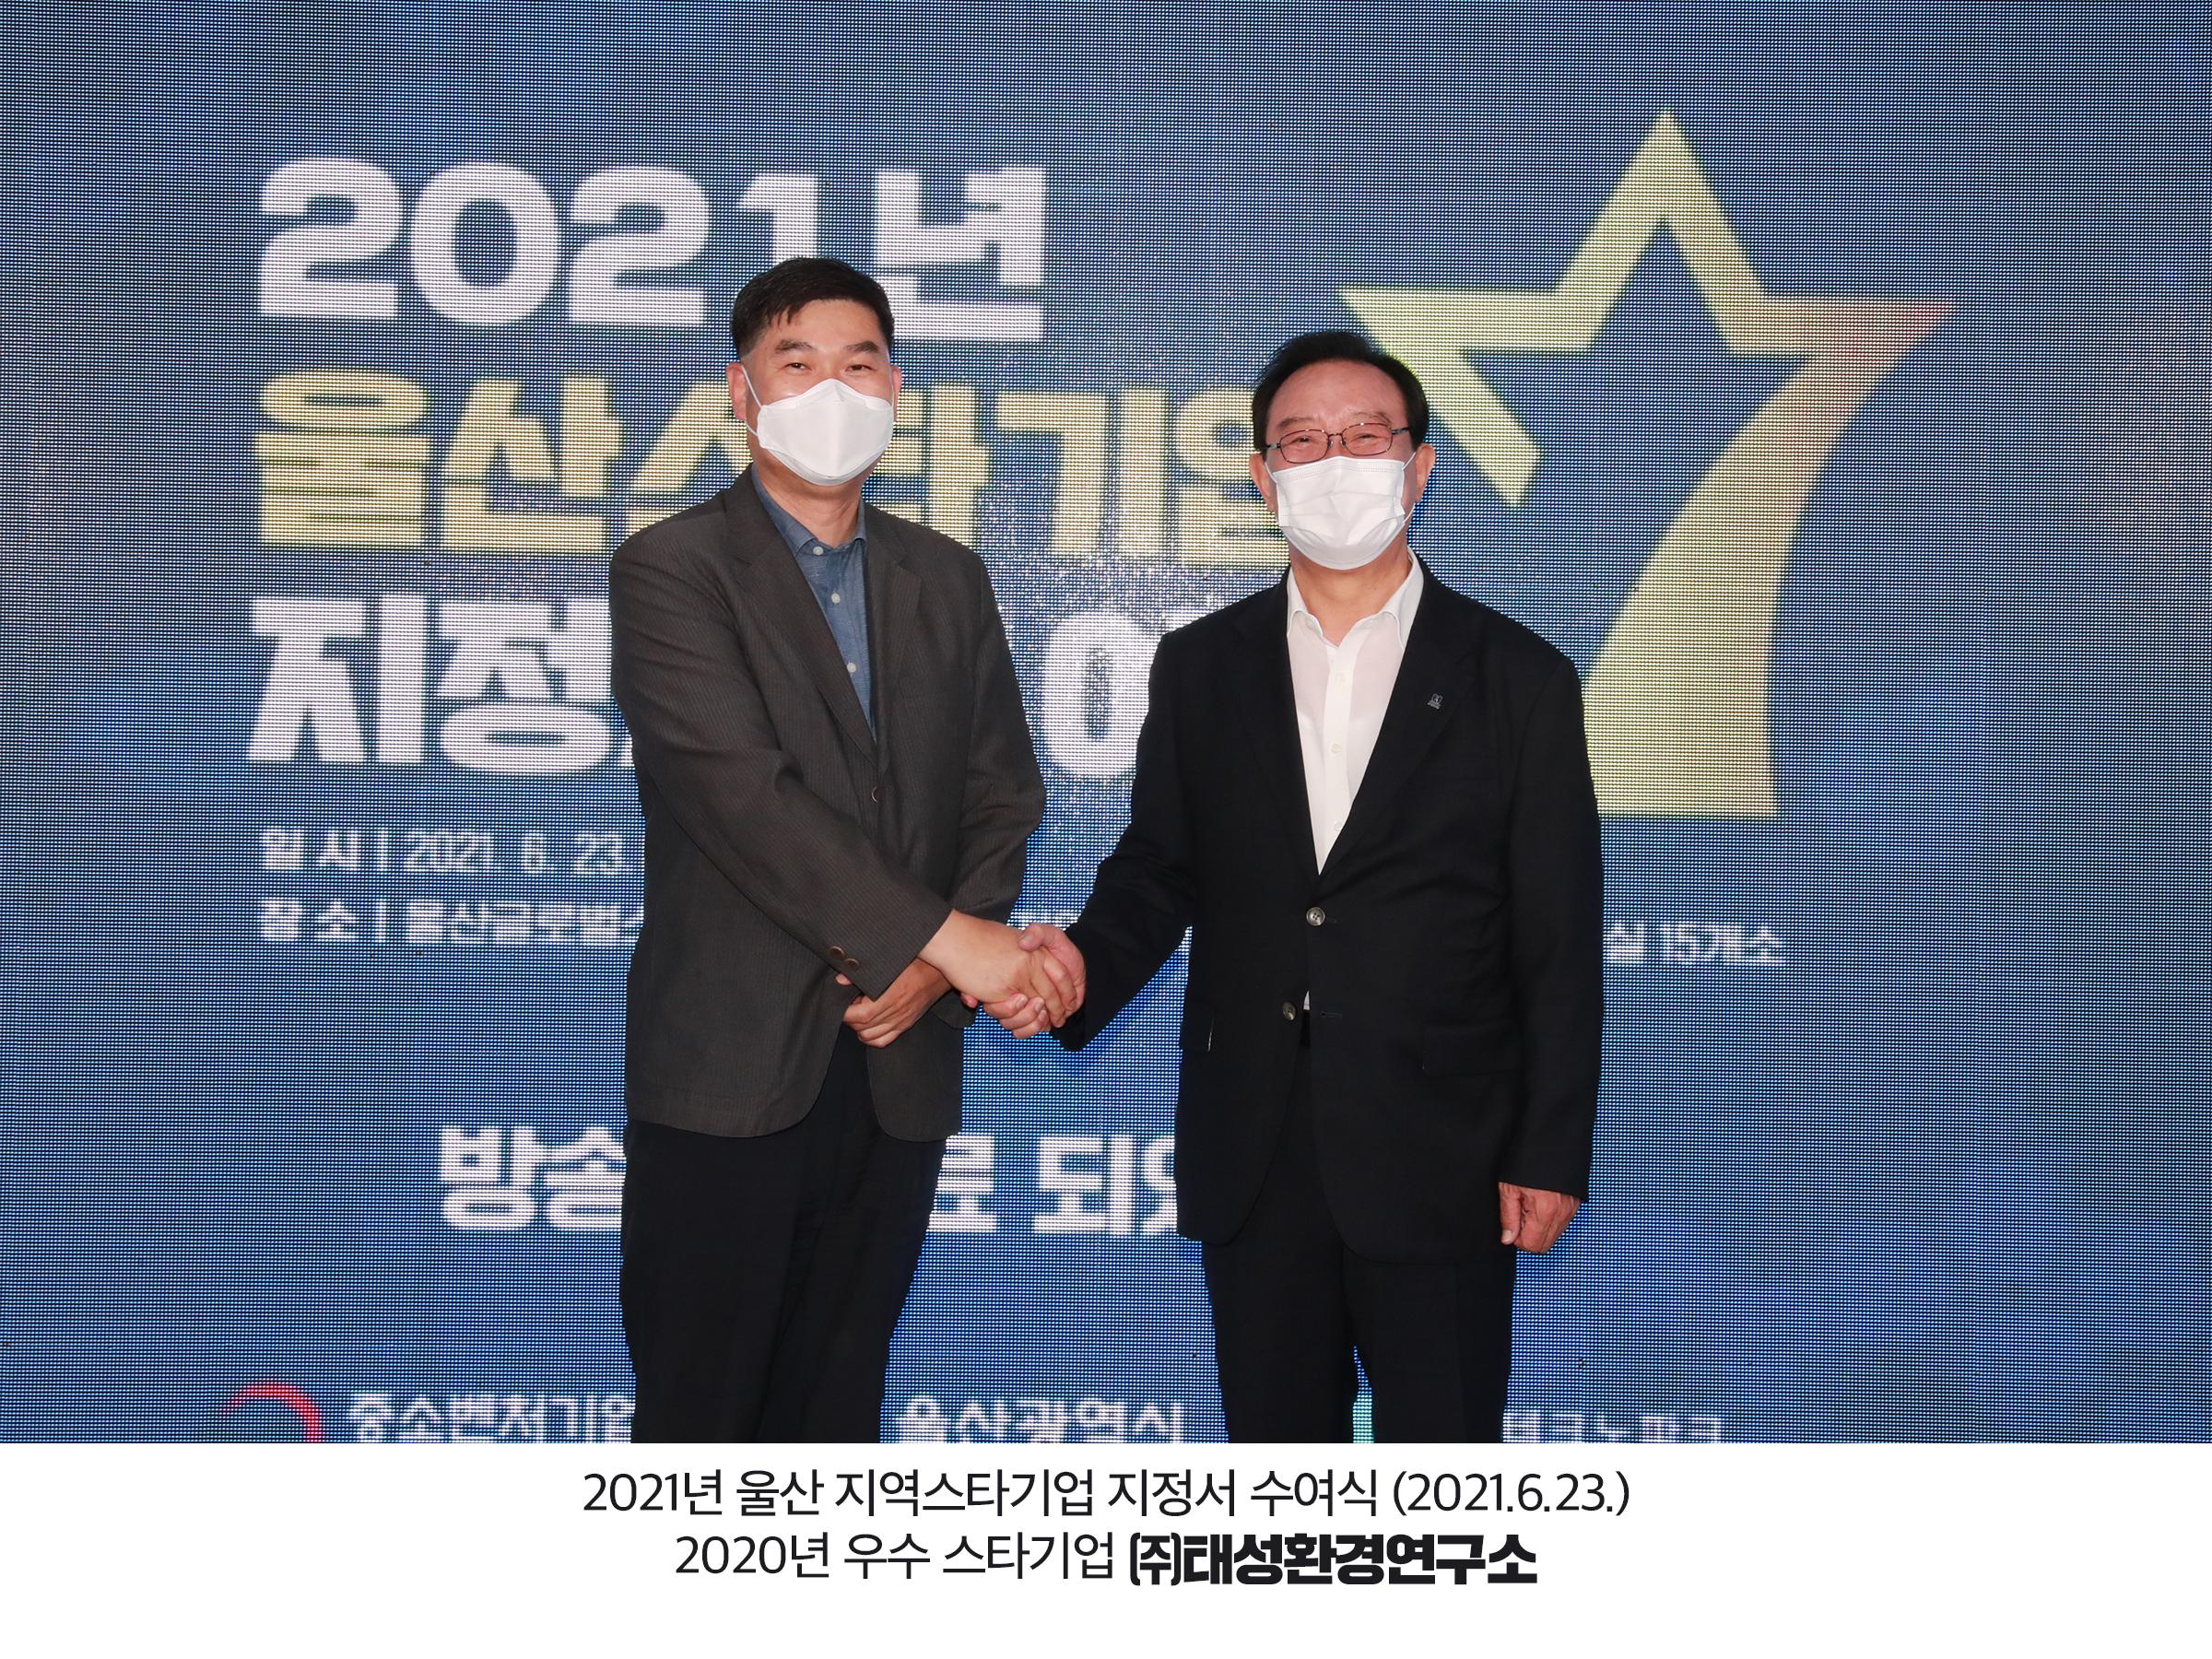 사진_액자제작용_2021년 울산 지역스타기업 지정서 수여식.jpg